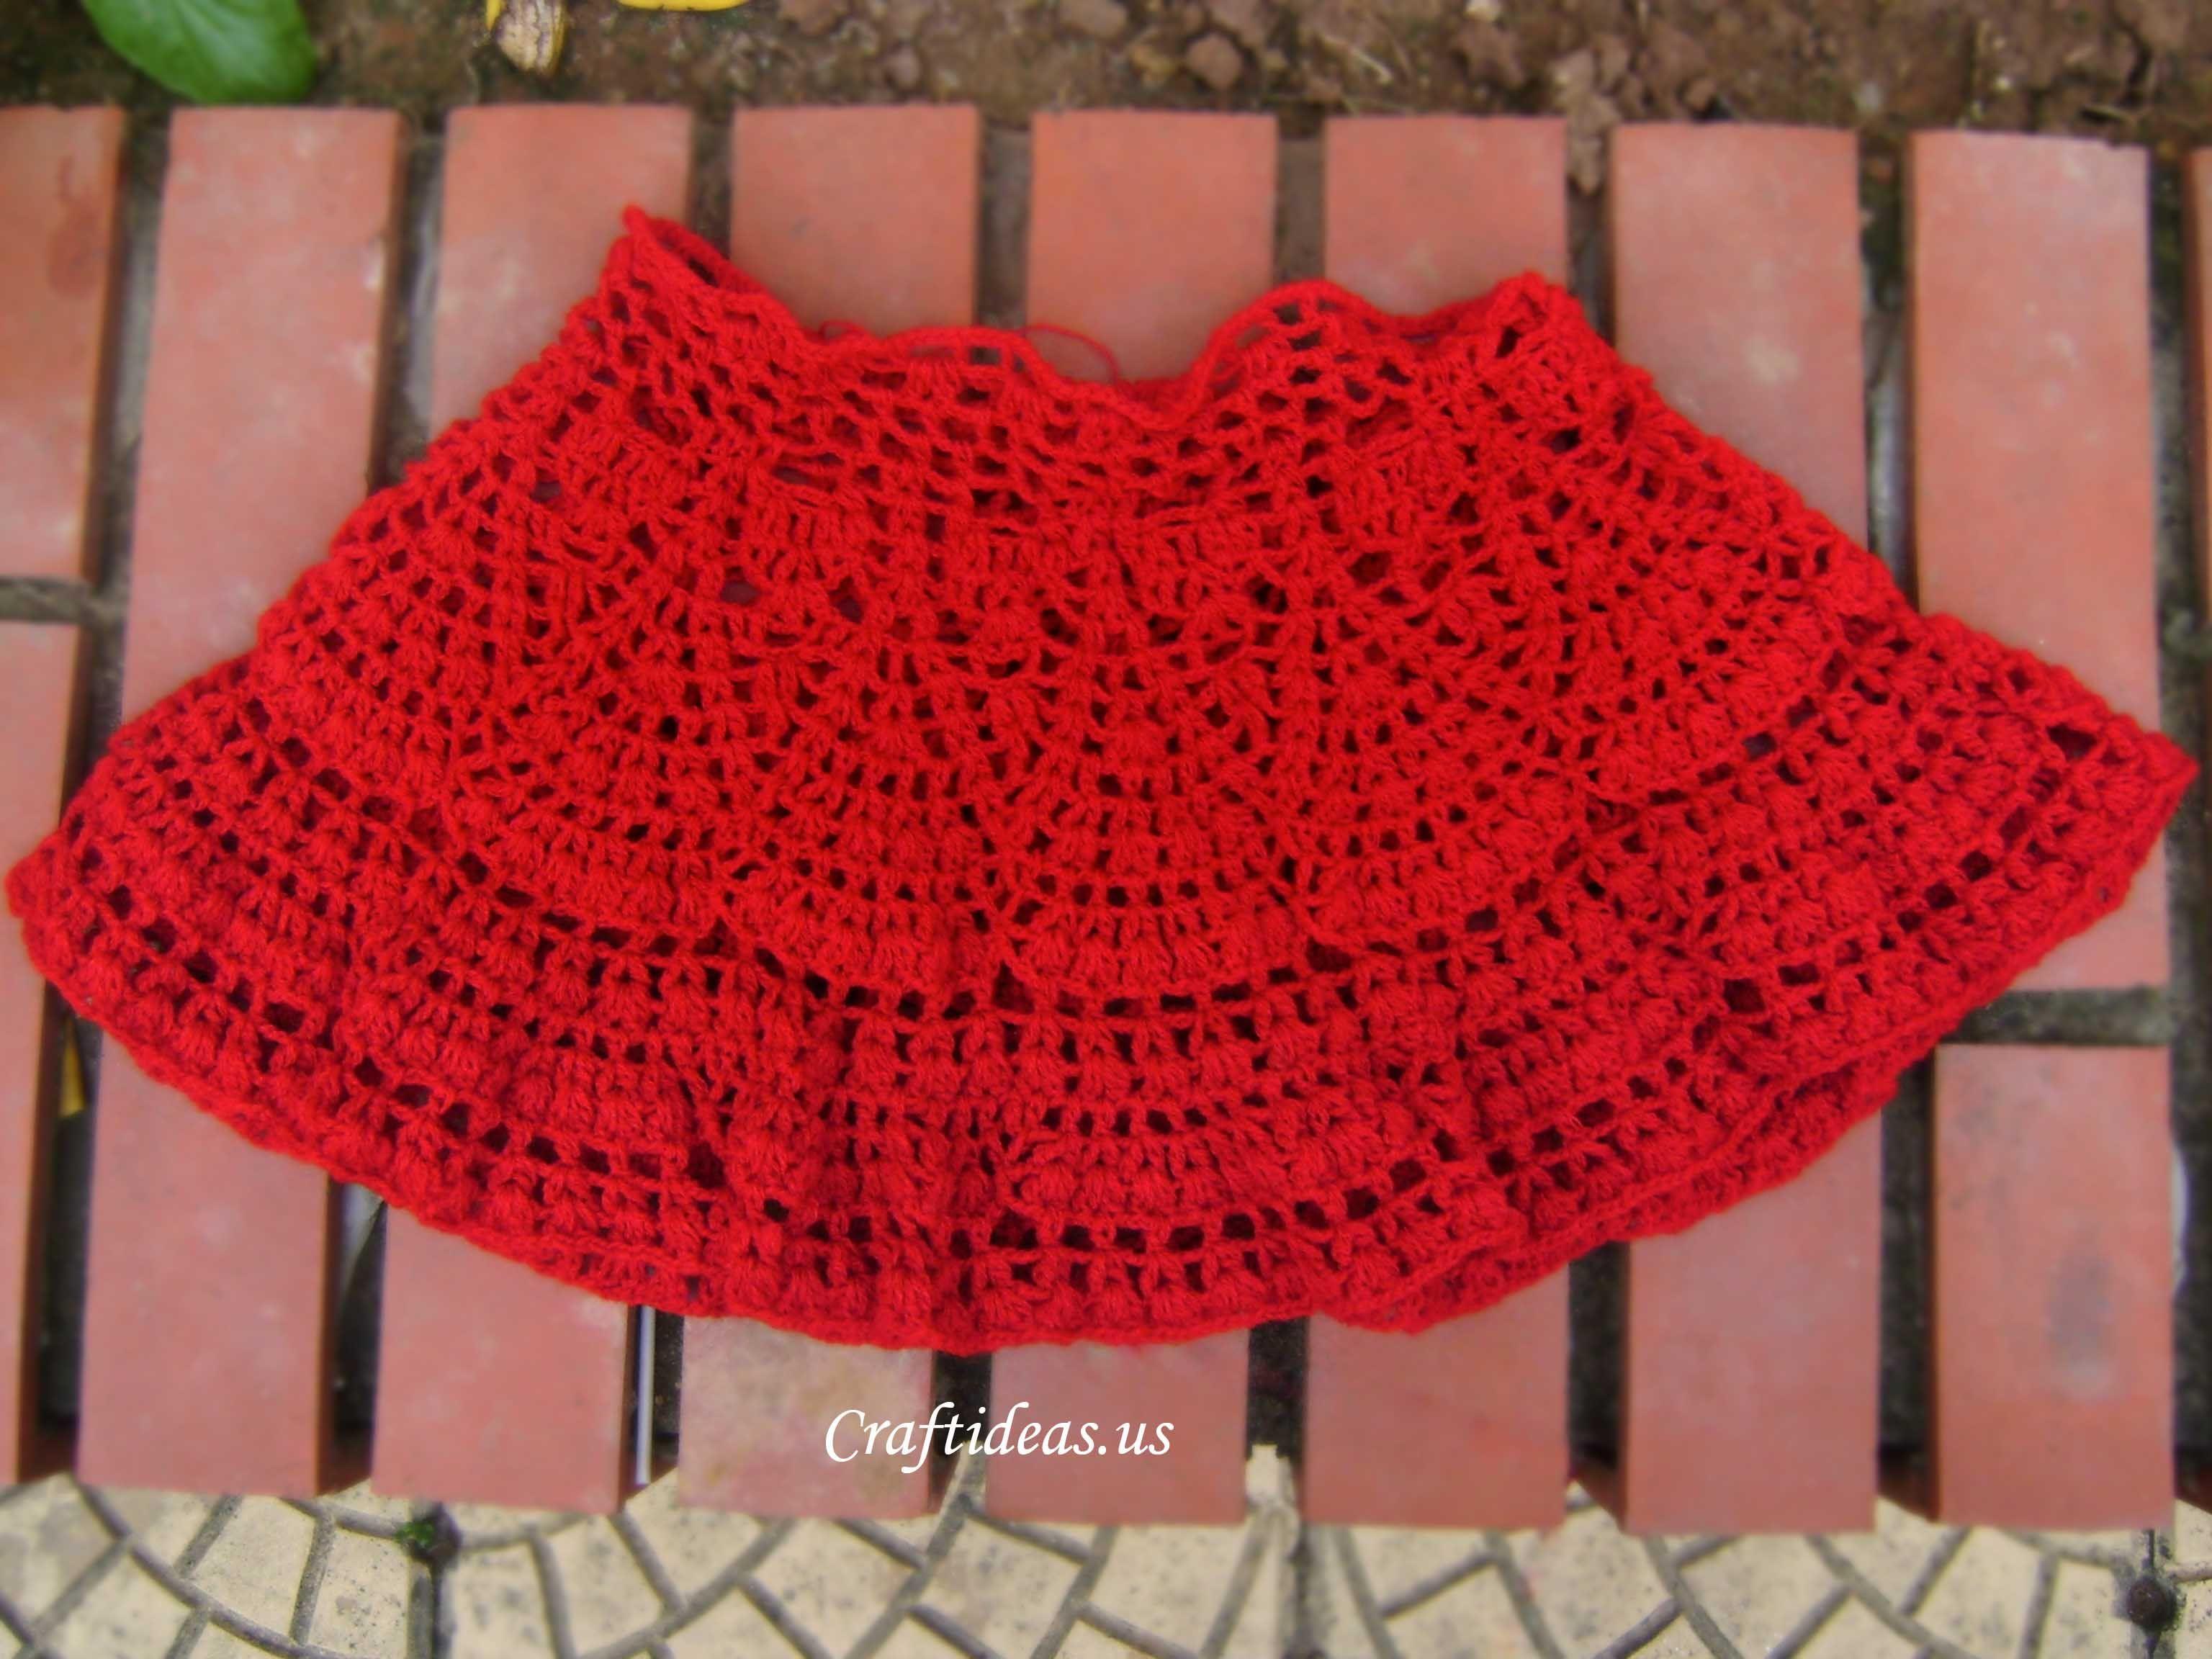 Crochet dress patterns for girls crochet pattern crochet beauty crochet dress patterns for girls crochet pattern crochet beauty skirt for little girl dt1010fo